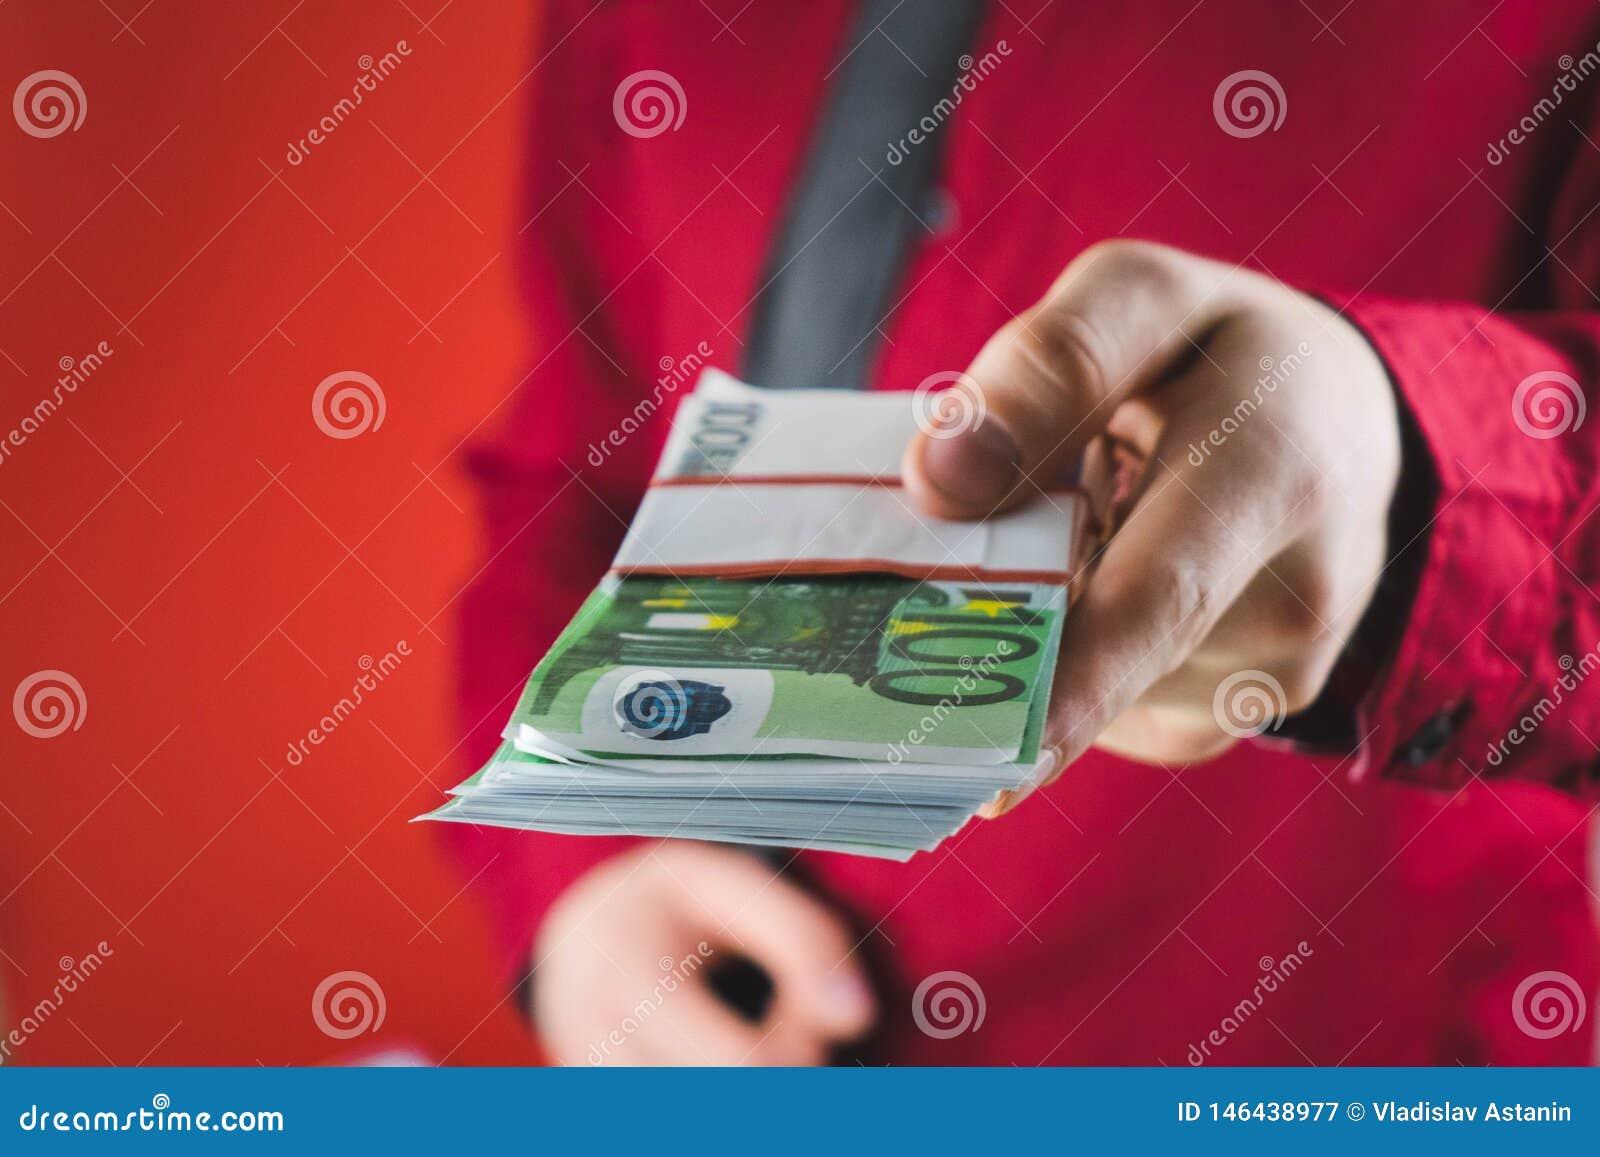 το άτομο στο κόκκινο κοστούμι άντεξε ένα wad των χρημάτων στο χέρι του στο κόκκινο υπόβαθρο